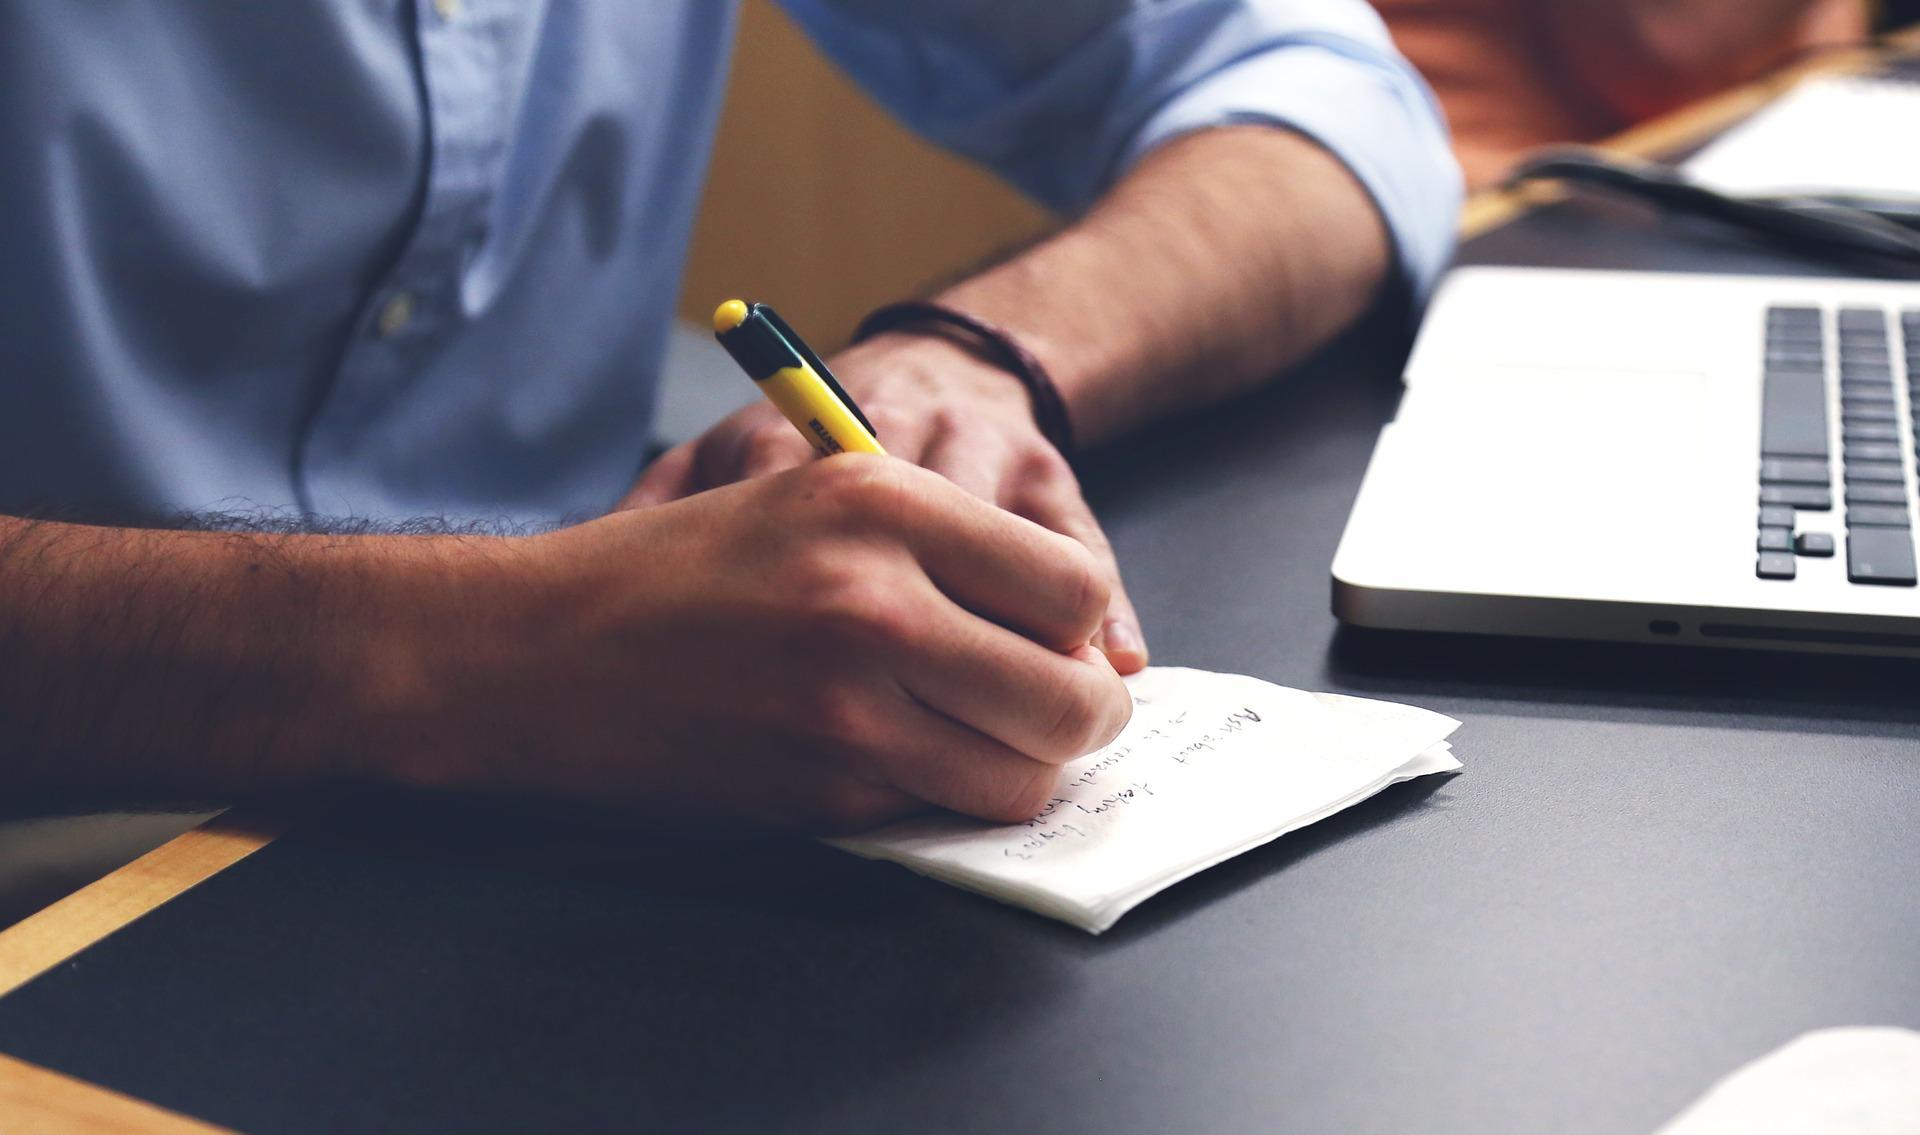 Üzleti terv készítés gyakorlati lépései induló és már működő vállalkozásoknak